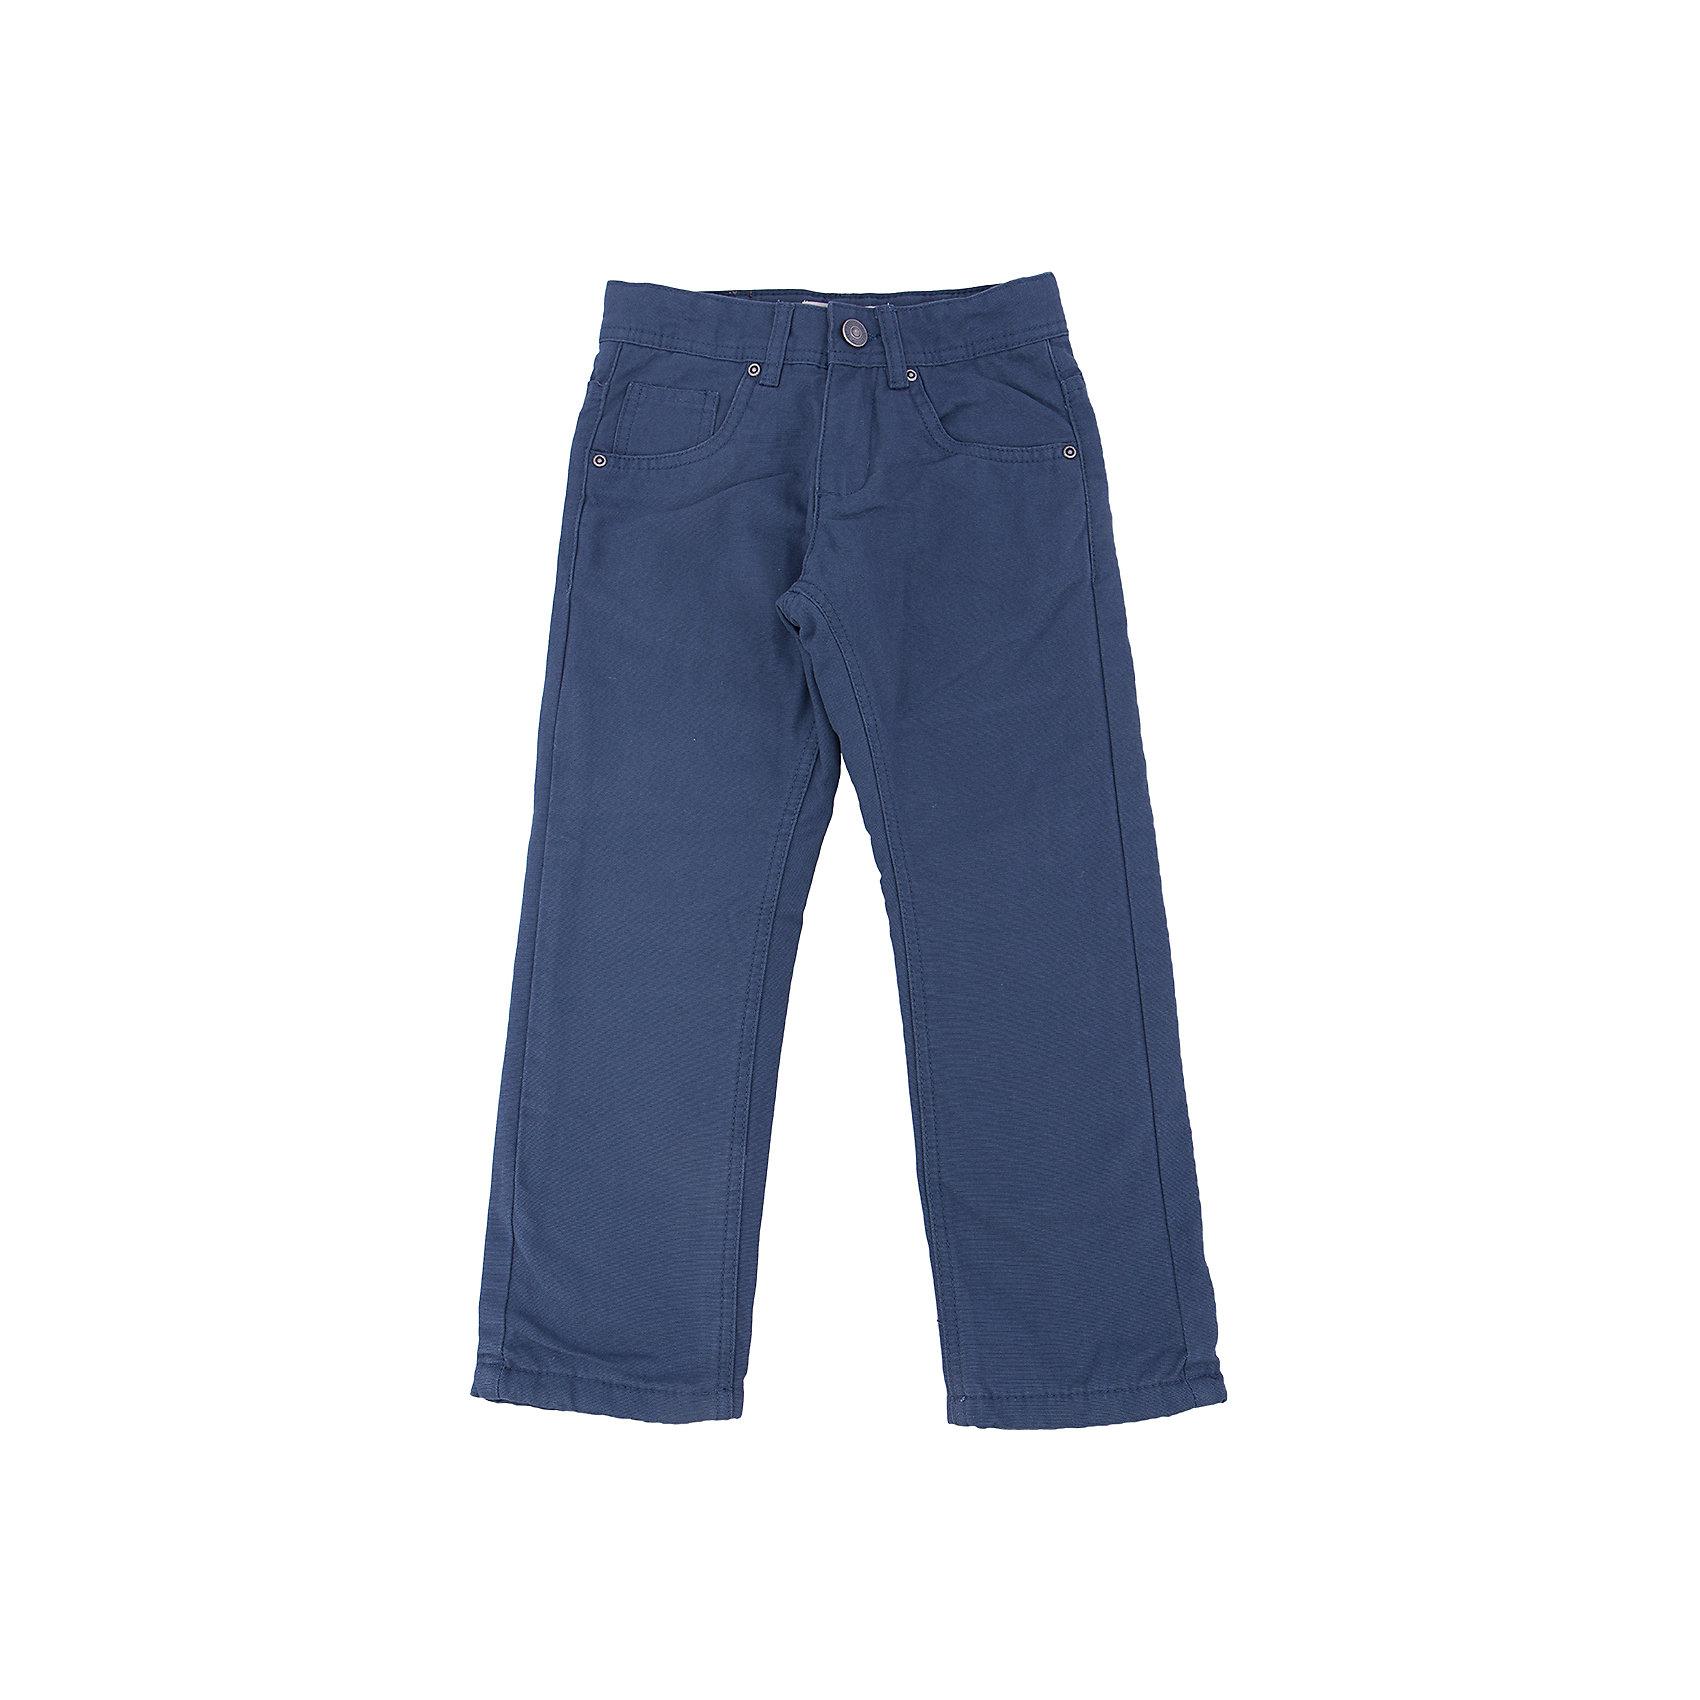 Брюки для мальчика SELAБрюки<br>Универсальные брюки - незаменимая вещь в детском гардеробе. Эта модель отлично сидит на ребенке, она сшита из плотного материала, натуральный хлопок не вызывает аллергии и обеспечивает ребенку комфорт. Модель станет отличной базовой вещью, которая будет уместна в различных сочетаниях.<br>Одежда от бренда Sela (Села) - это качество по приемлемым ценам. Многие российские родители уже оценили преимущества продукции этой компании и всё чаще приобретают одежду и аксессуары Sela.<br><br>Дополнительная информация:<br><br>прямой силуэт;<br>материал: 98% хлопок, 2% эластан;<br>плотный материал.<br><br>Брюки для мальчика от бренда Sela можно купить в нашем интернет-магазине.<br><br>Ширина мм: 215<br>Глубина мм: 88<br>Высота мм: 191<br>Вес г: 336<br>Цвет: синий<br>Возраст от месяцев: 132<br>Возраст до месяцев: 144<br>Пол: Мужской<br>Возраст: Детский<br>Размер: 152,116,122,128,134,140,146<br>SKU: 5020209